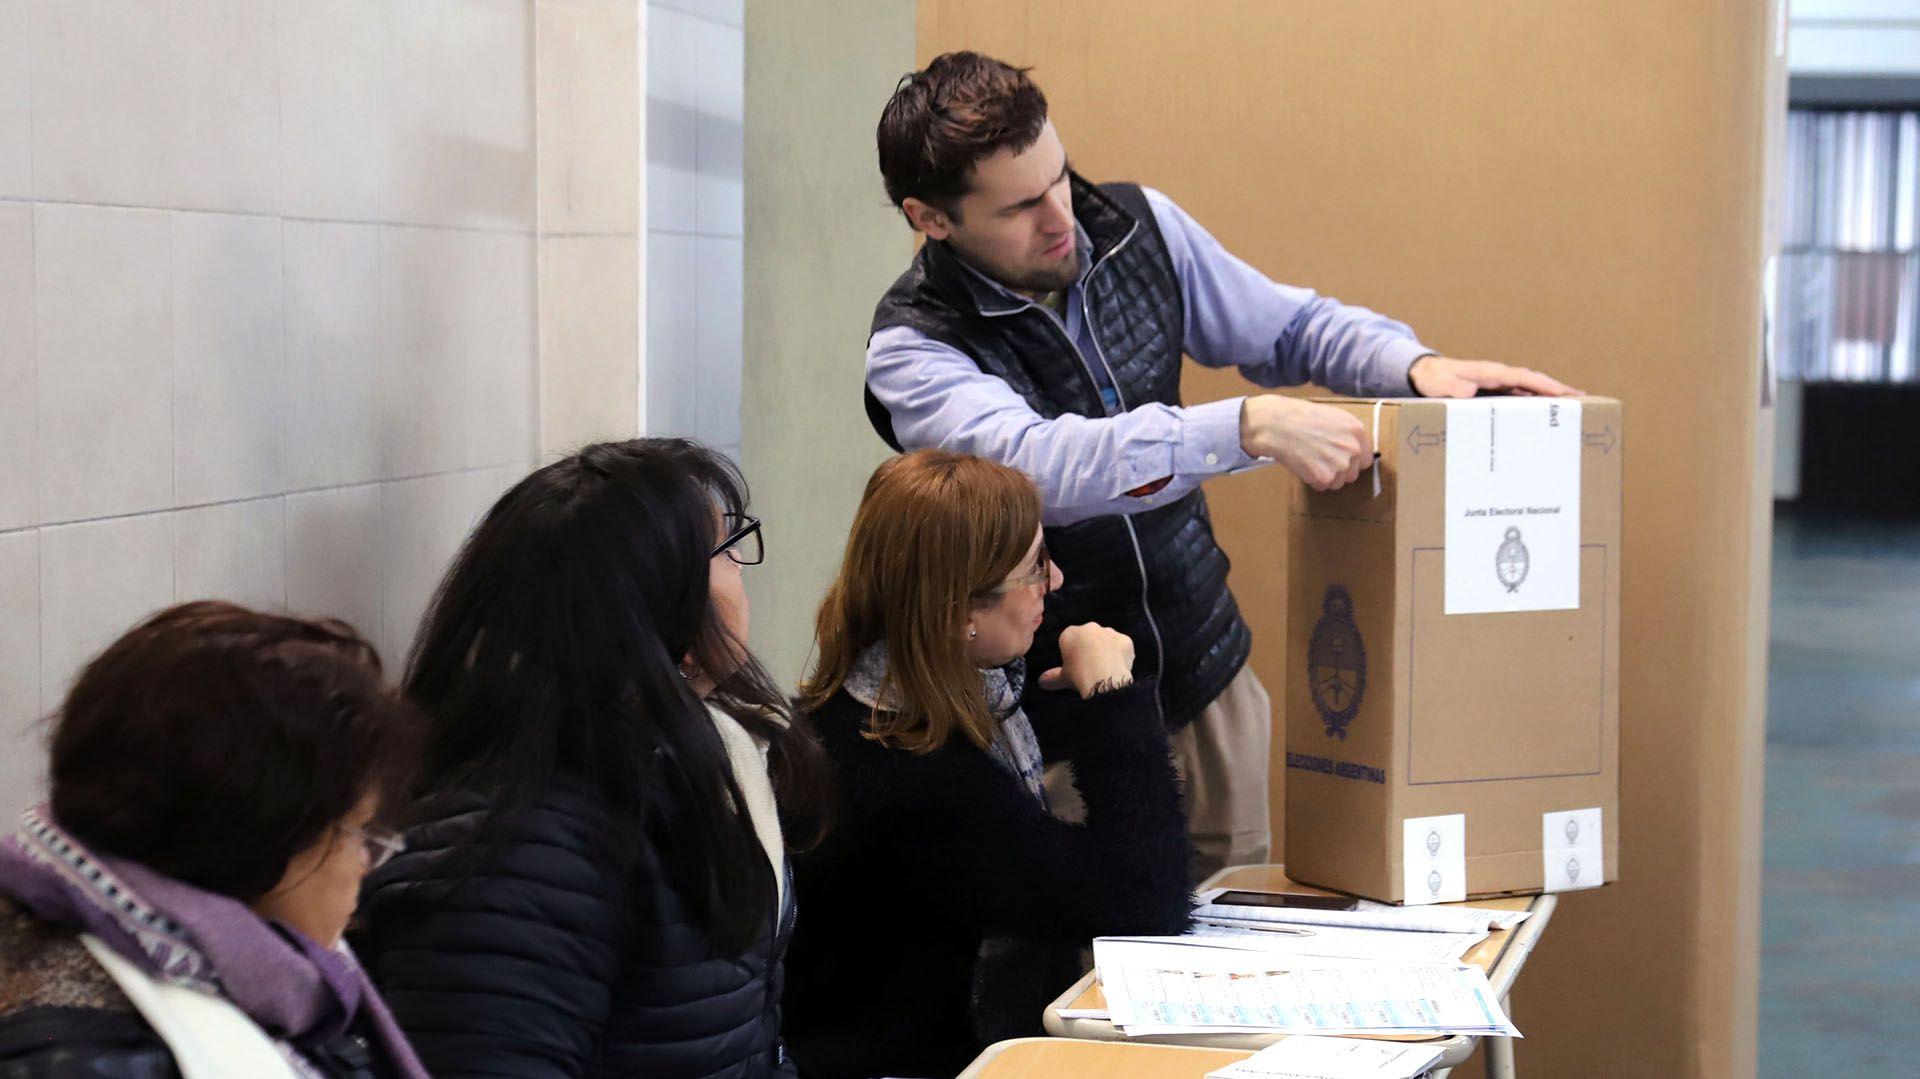 La Cámara Nacional Electoral difundió normativas para aplicar en las próximas elecciones. (foto NA)